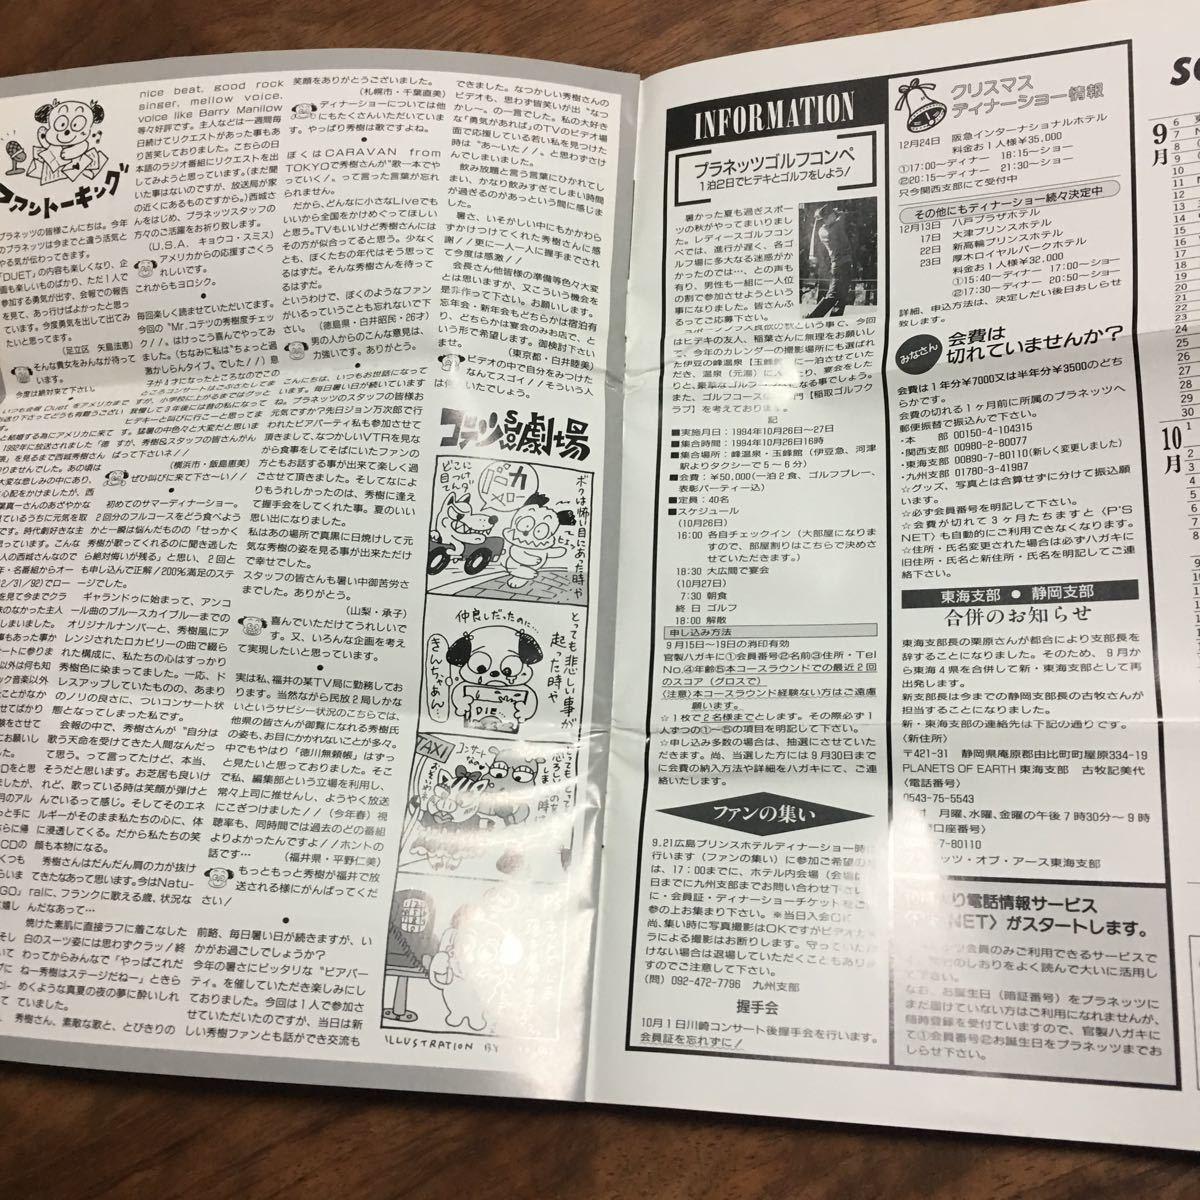 西城秀樹 ファンクラブ会報誌 DUET 1994 vol 37_画像6